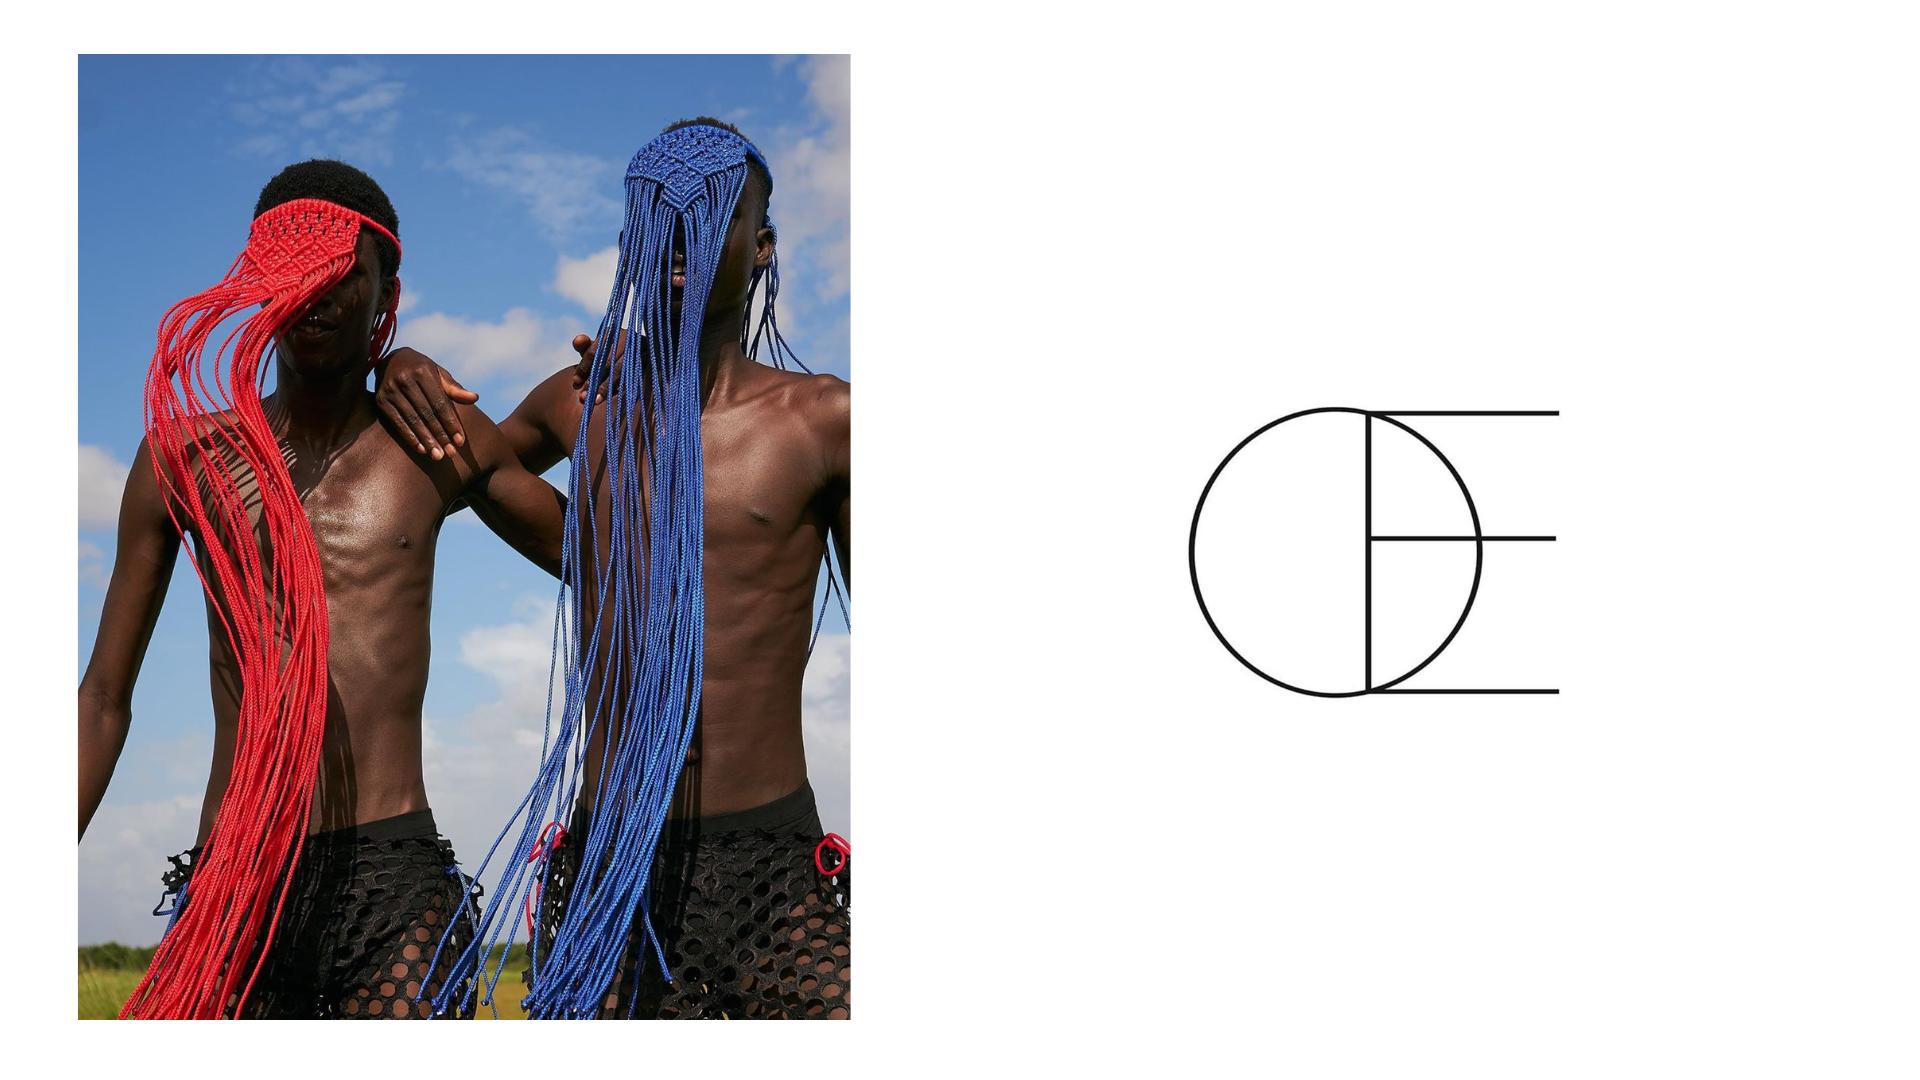 ΠMagazine РThe Outsider: Going beyond the traditional fashion map